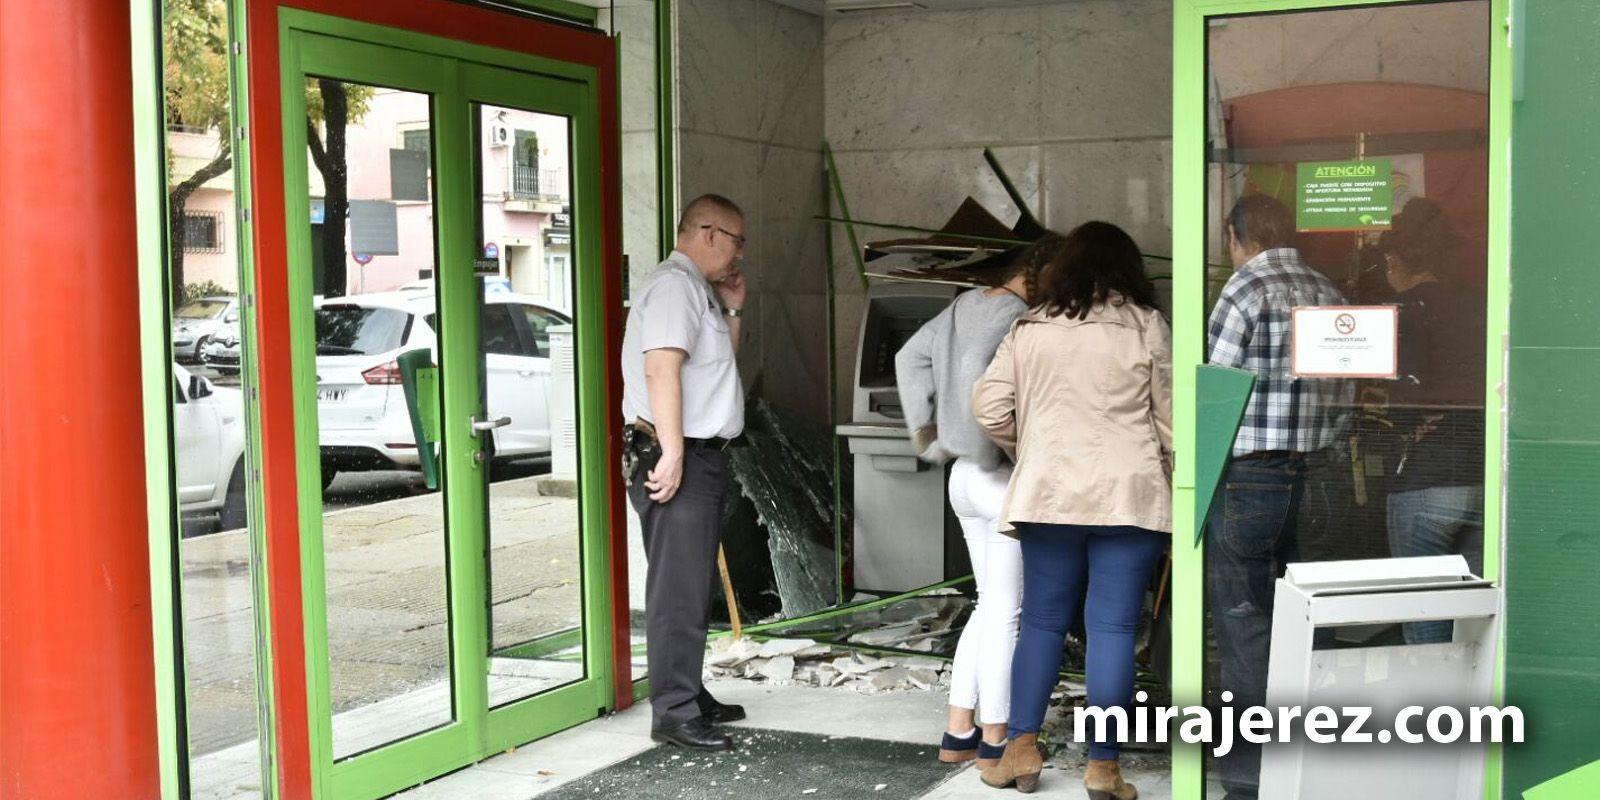 Sucursal de Unicaja de la avenida Olivar del Rivero destrozada tras la explosión en la mañana del domingo   Pablo Muñoz de Sherry Drone para MIRA Jerez